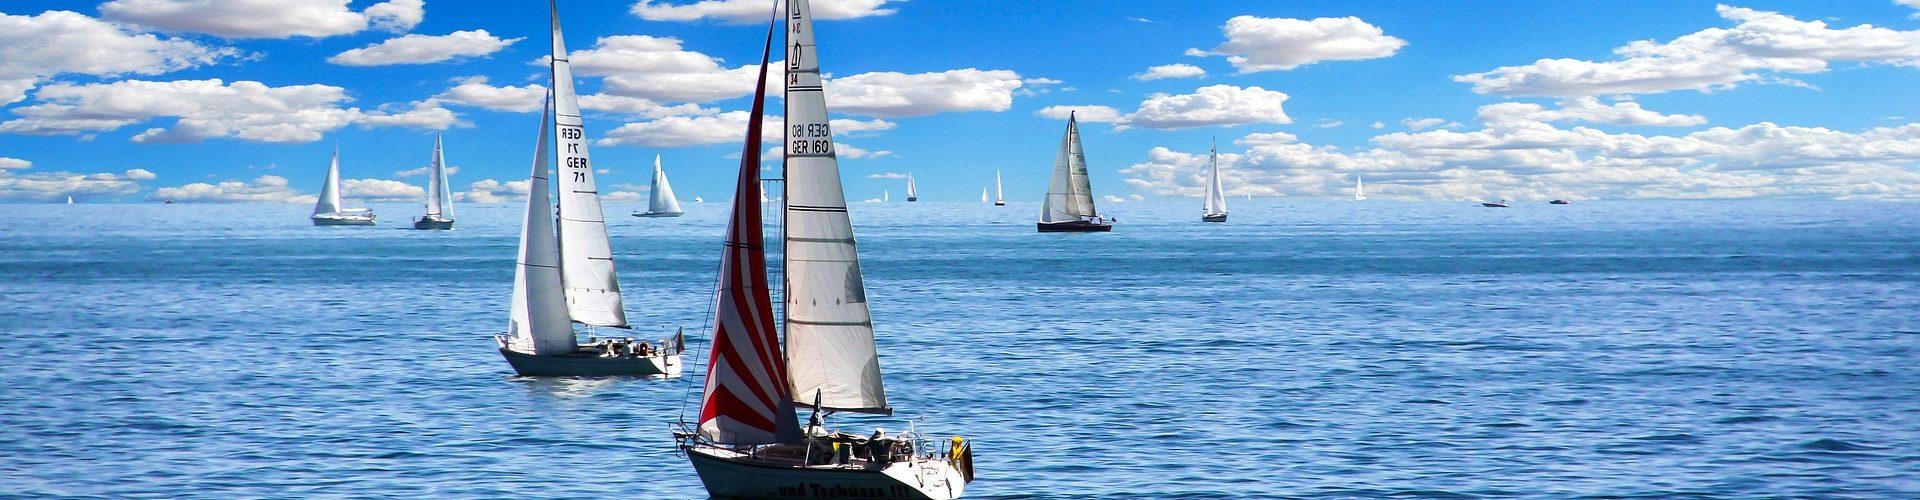 segeln lernen in Fleckeby segelschein machen in Fleckeby 1920x500 - Segeln lernen in Fleckeby